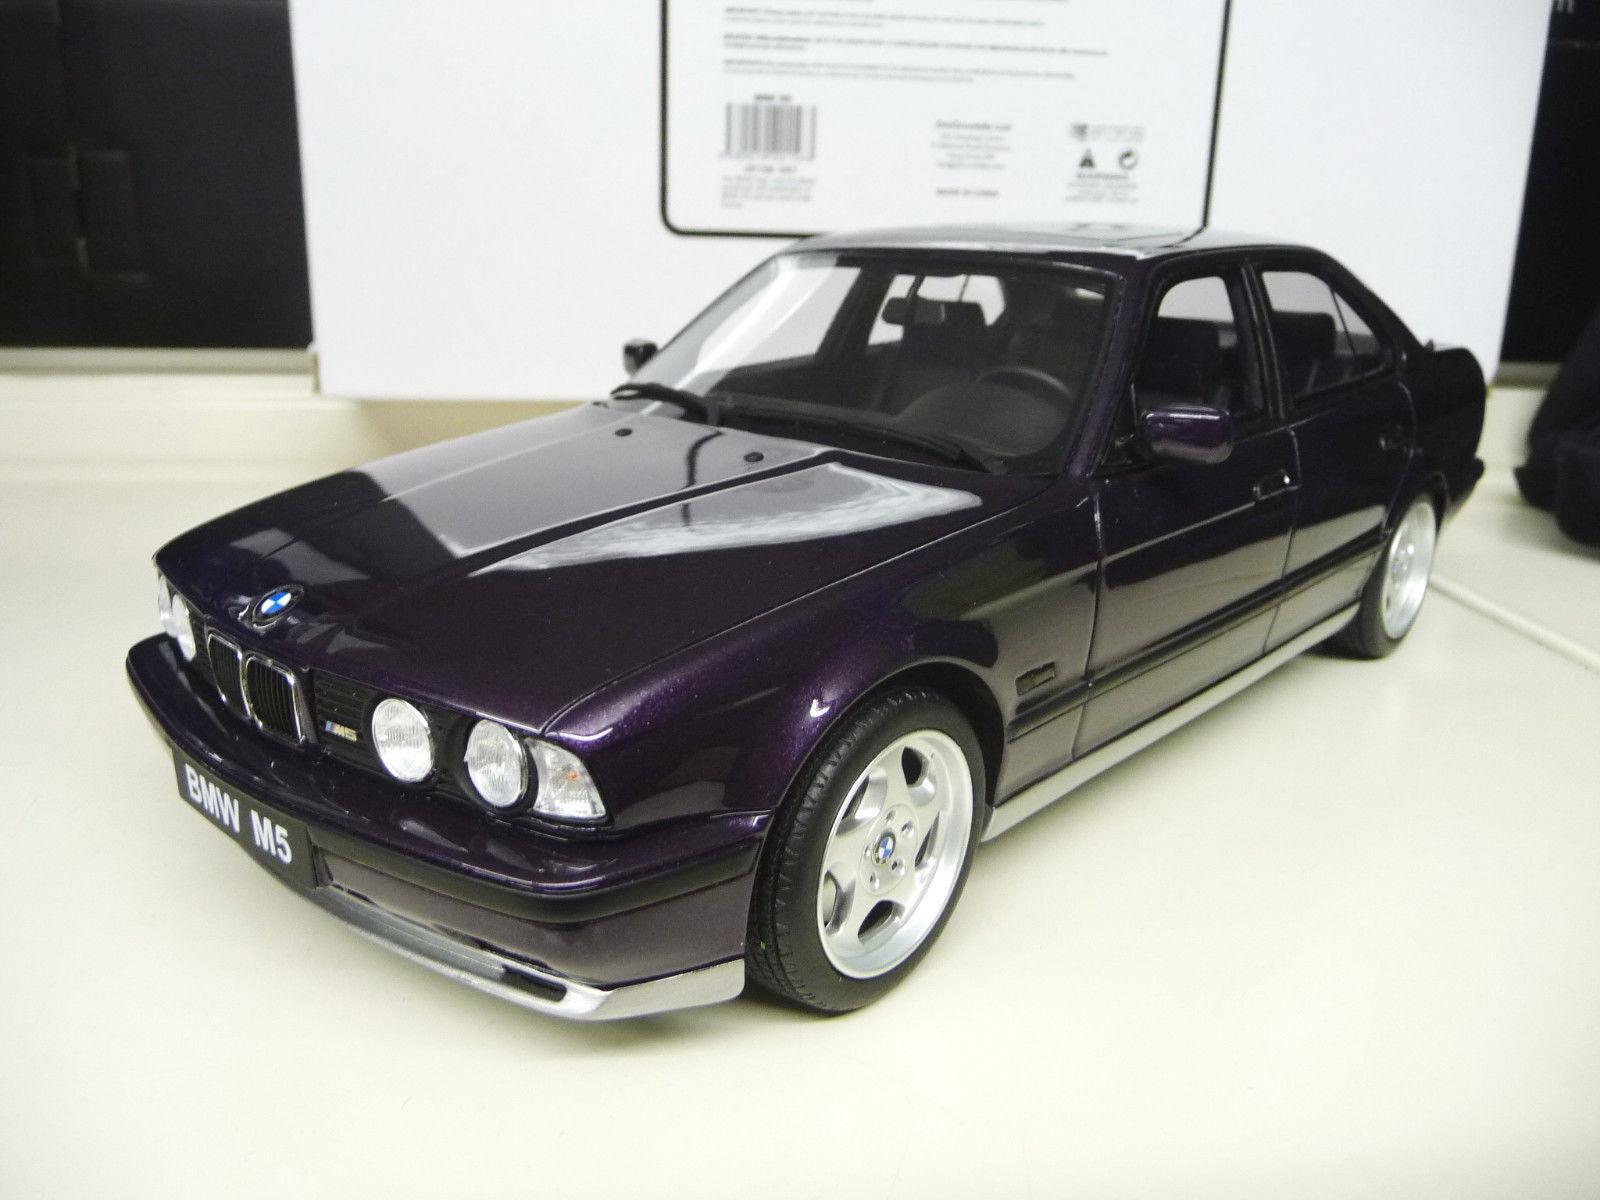 OTTO MOBILE BMW M5 E34 Violeta Metálico Edición Limitada Envío Gratis